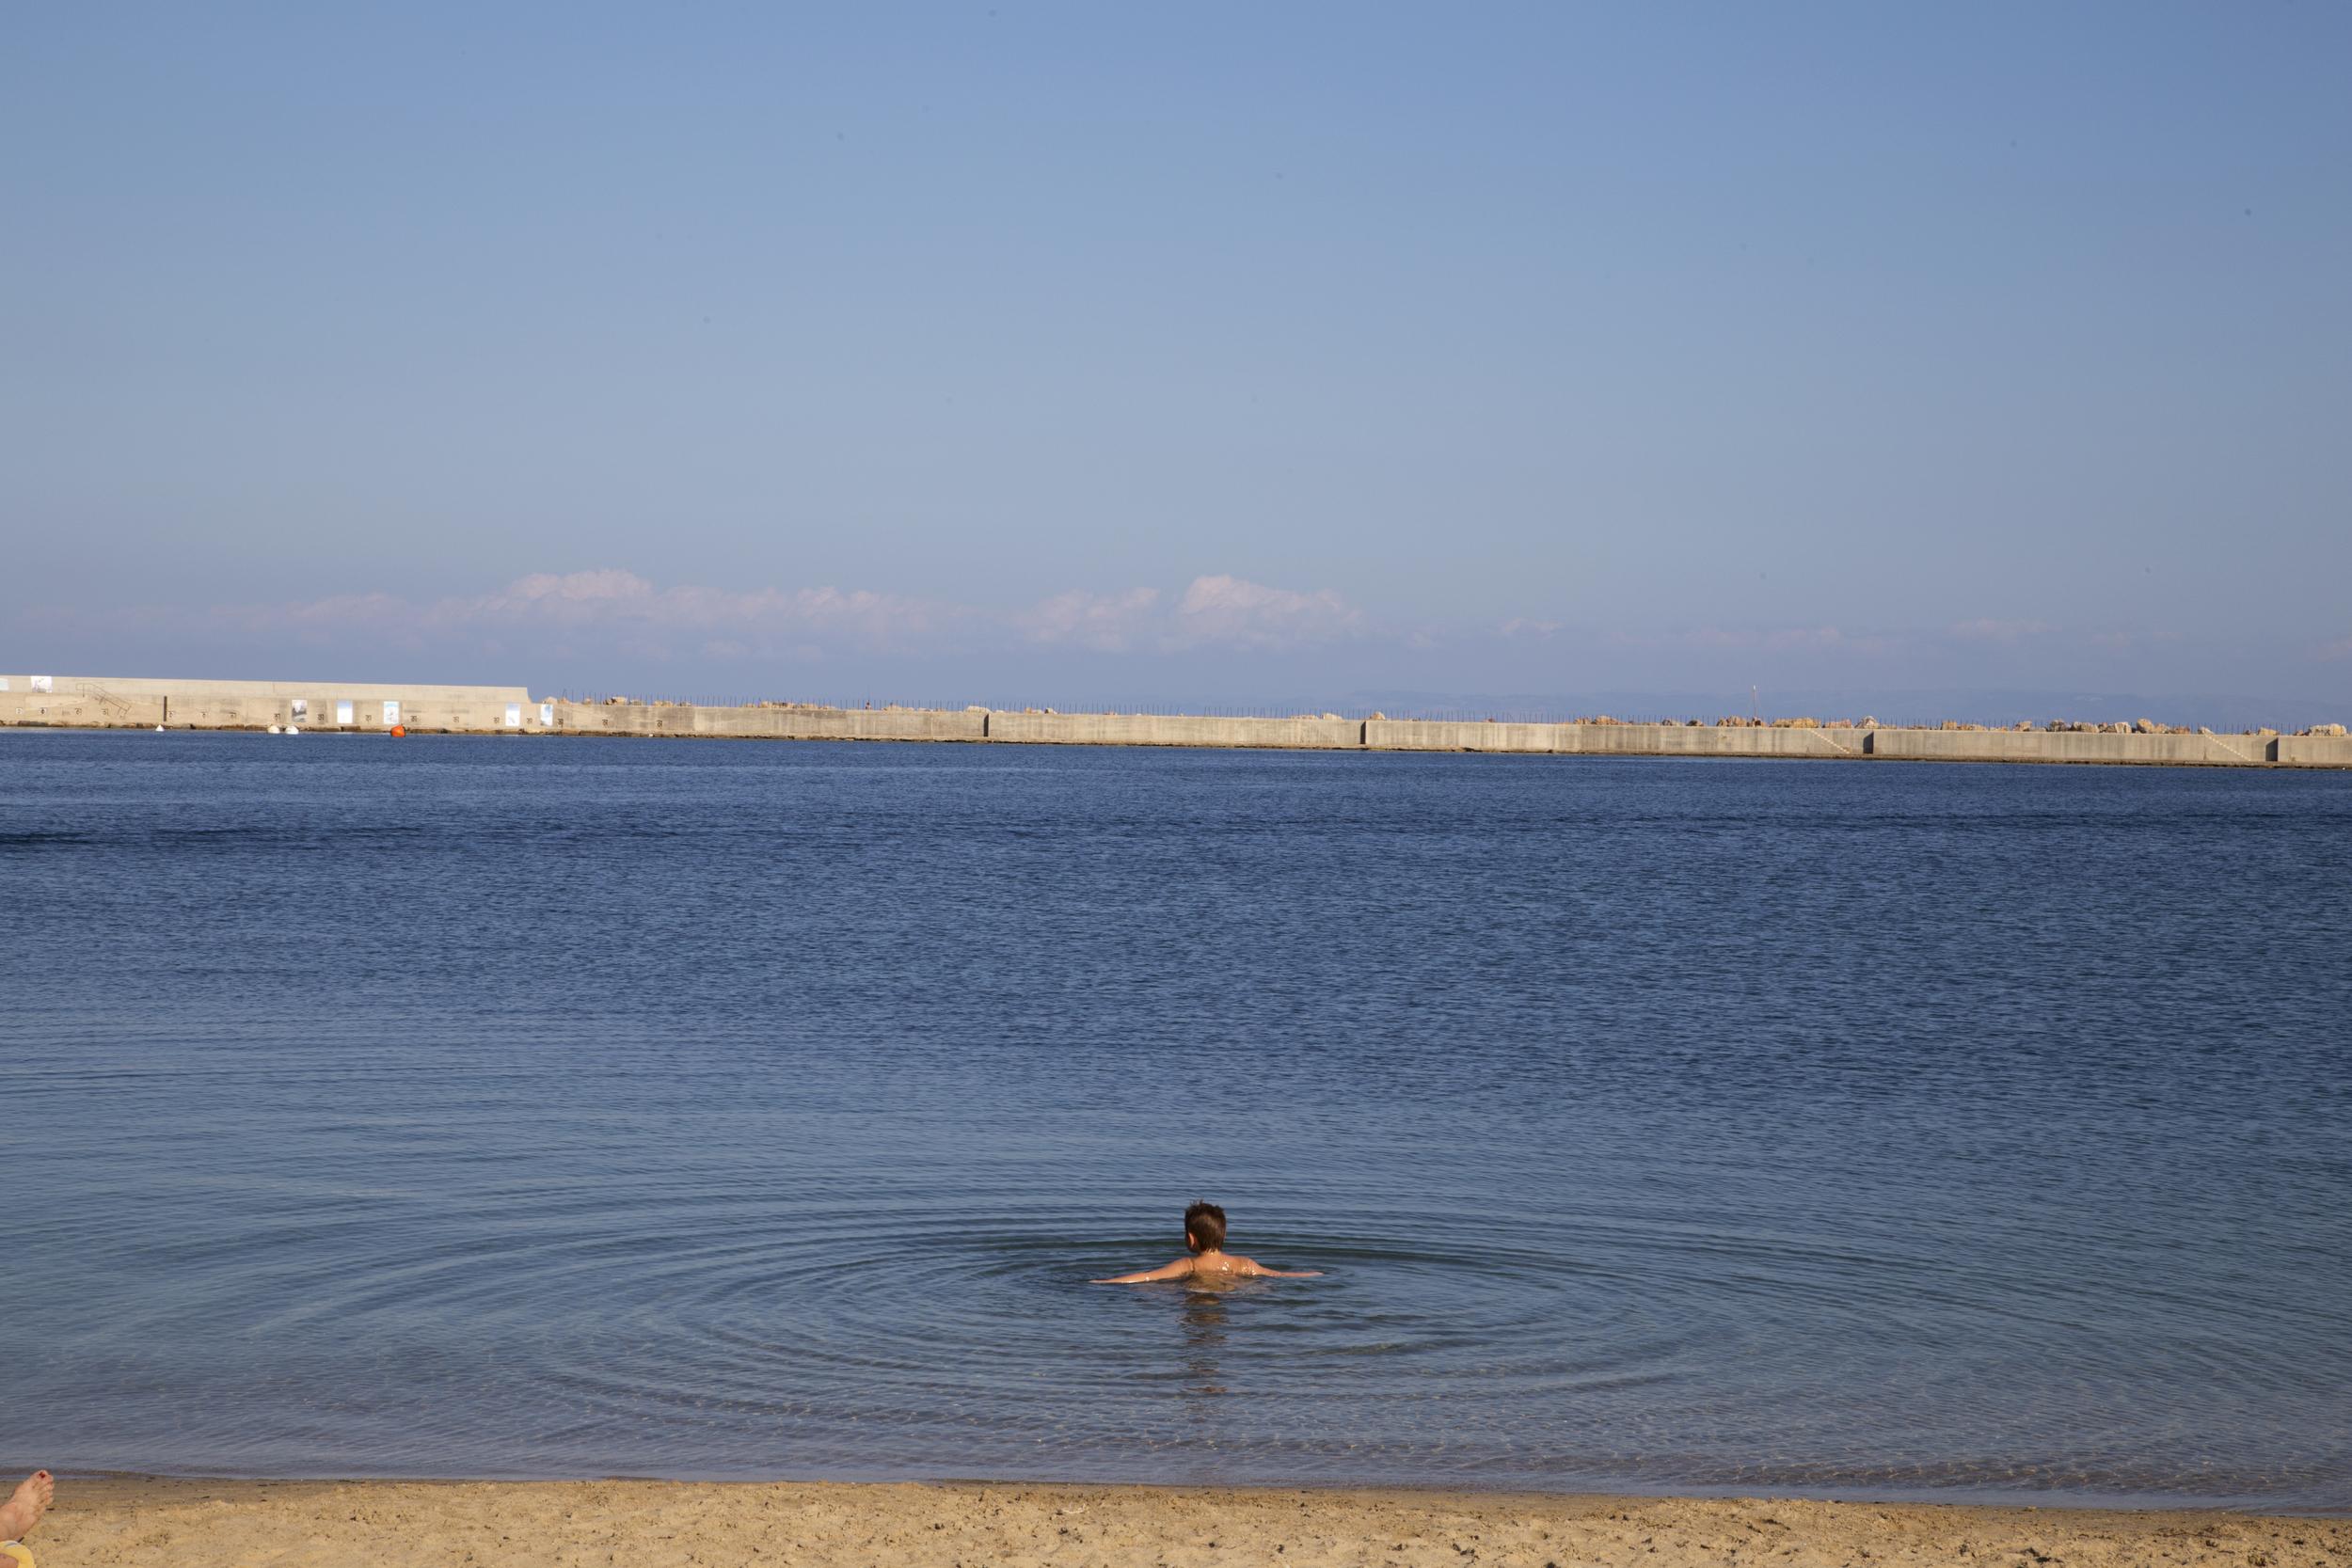 Porto Torres, settembre 2014. L'area marina contaminata di Porto Torres (2.762 ettari) si estende fra la diga Foranea del porto industriale e la foce del fiume Santo sul golfo dell'Asinara, area marina protetta